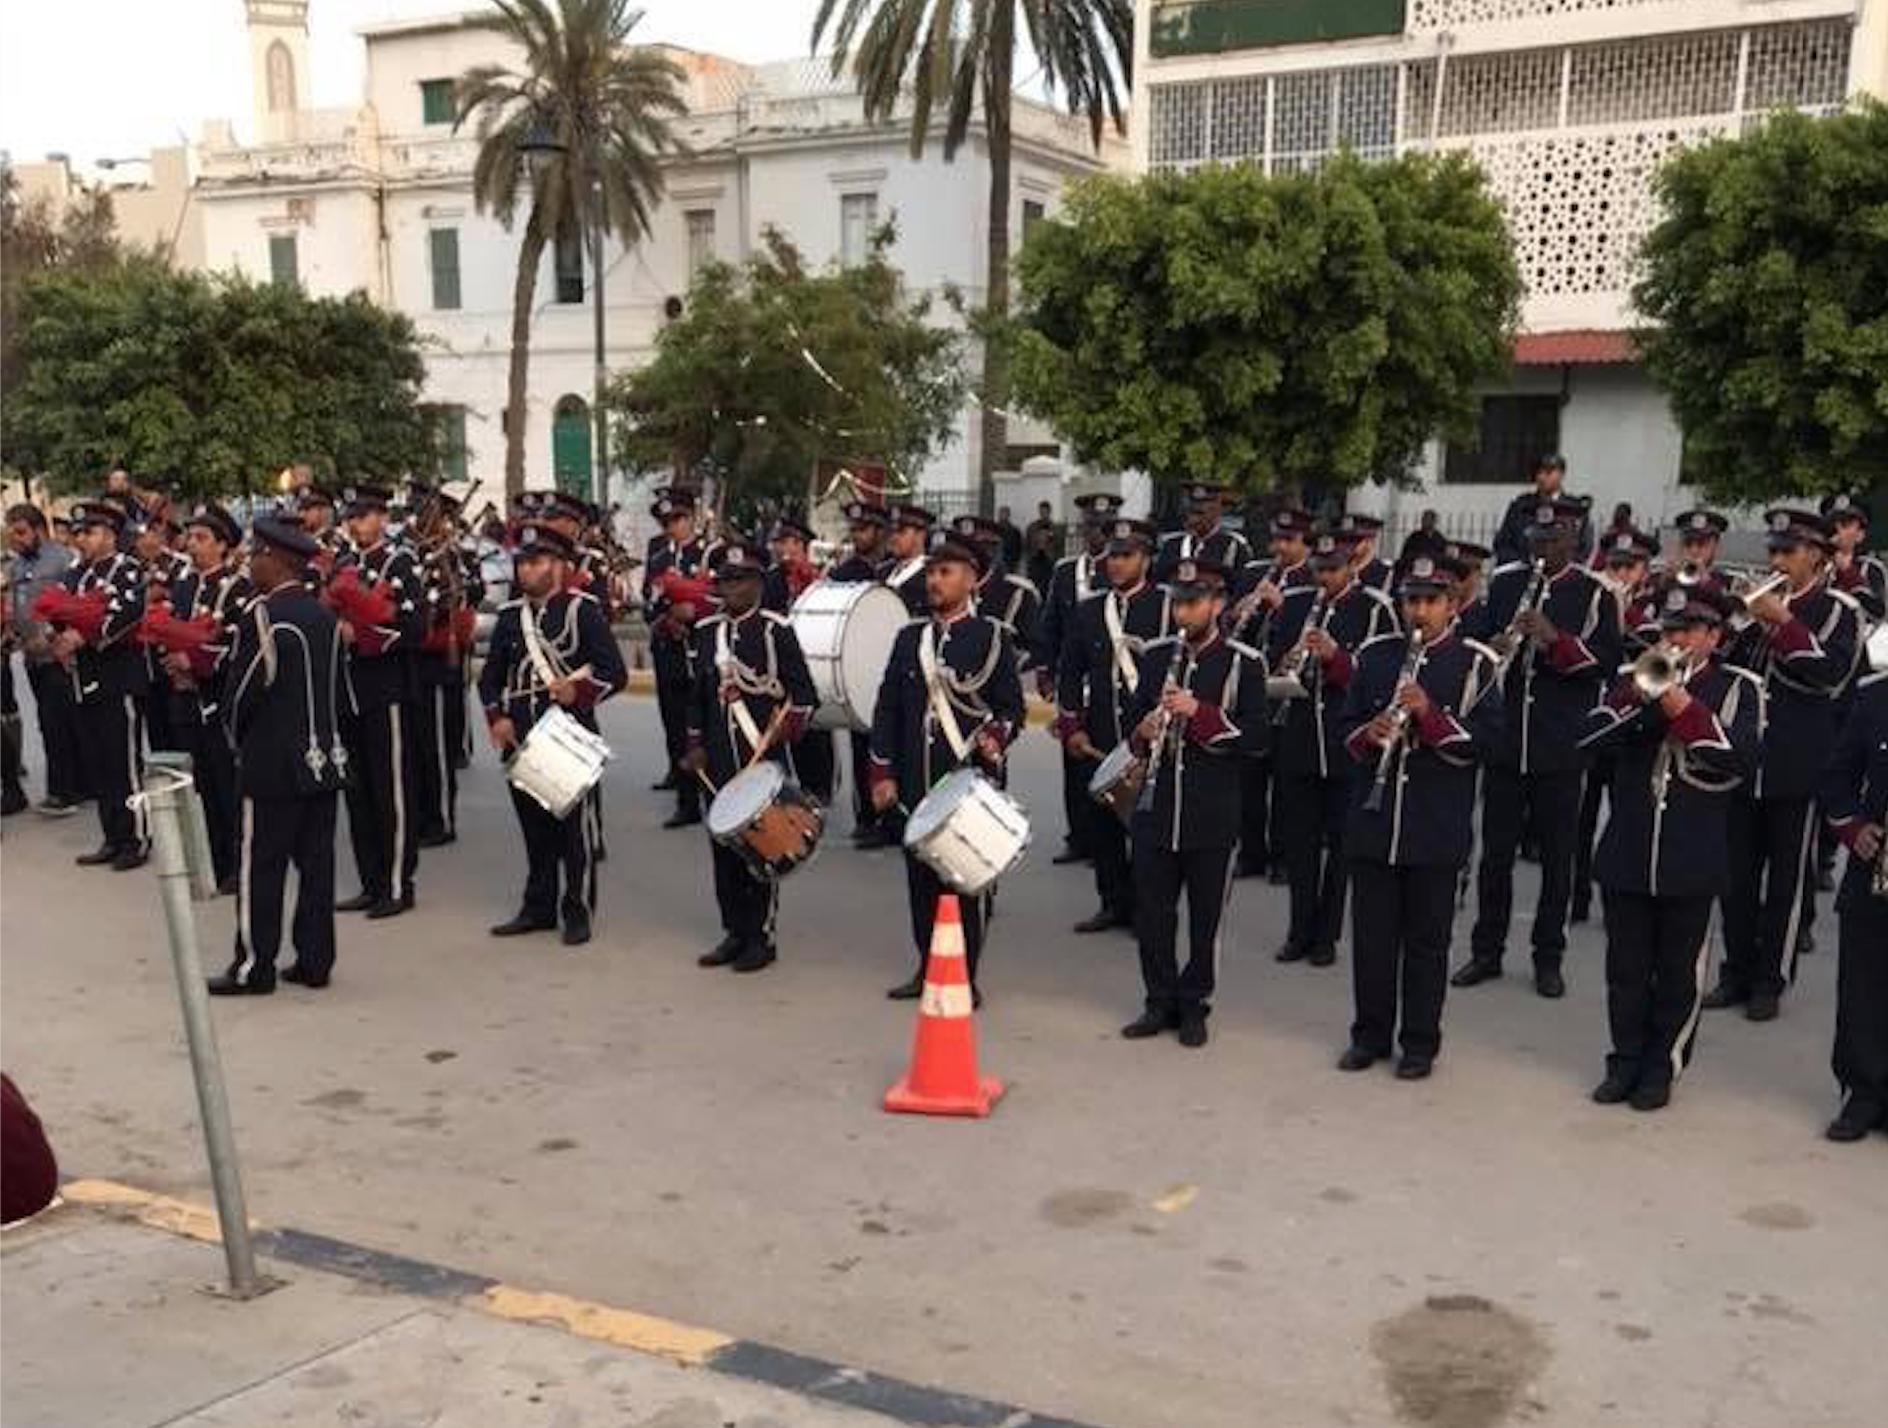 مراسم الافتتاح مسيرة راجلة لموكب إيقاد الشعلة بمدينة طرابلس